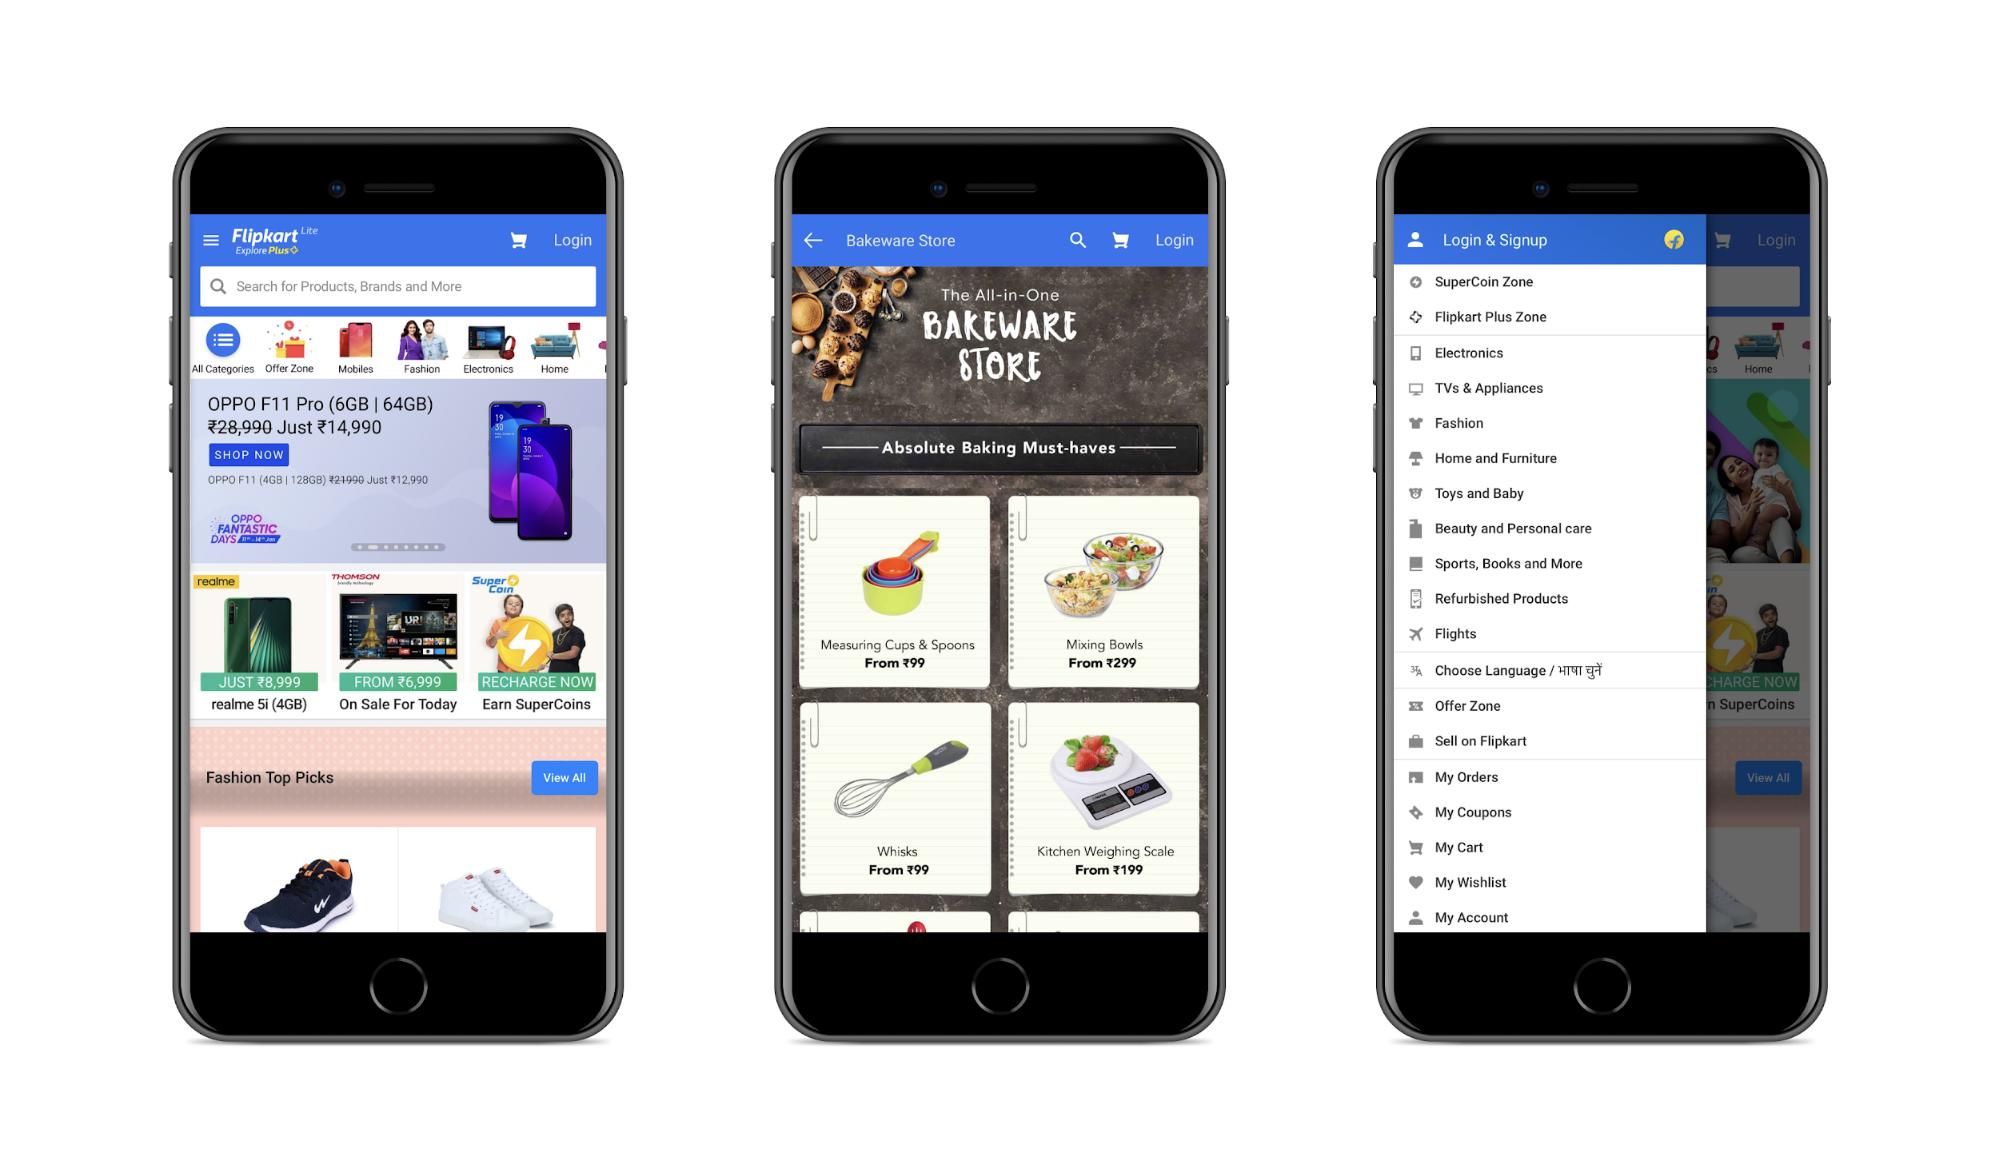 Progressive Web Application by Flipkart